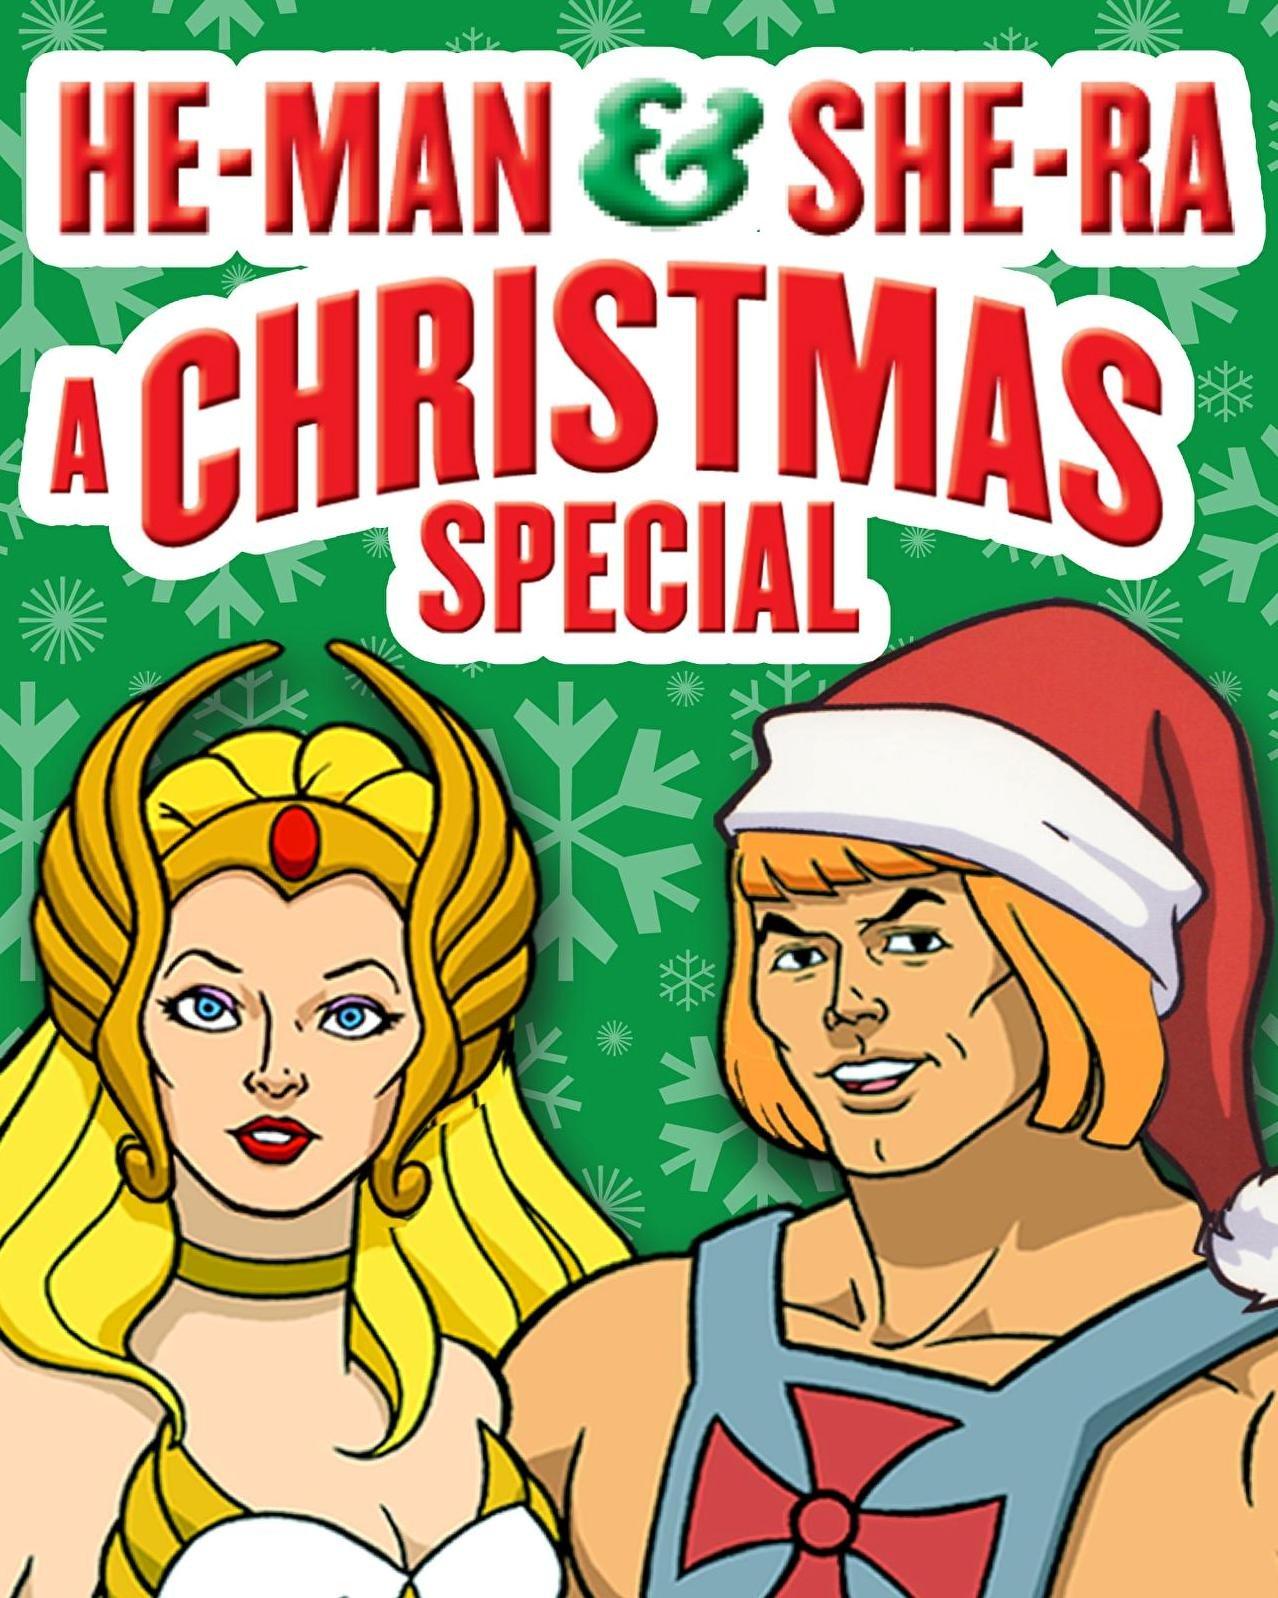 Amazon.com: He-Man & She-Ra: A Christmas Special: Ernie Schmidt ...